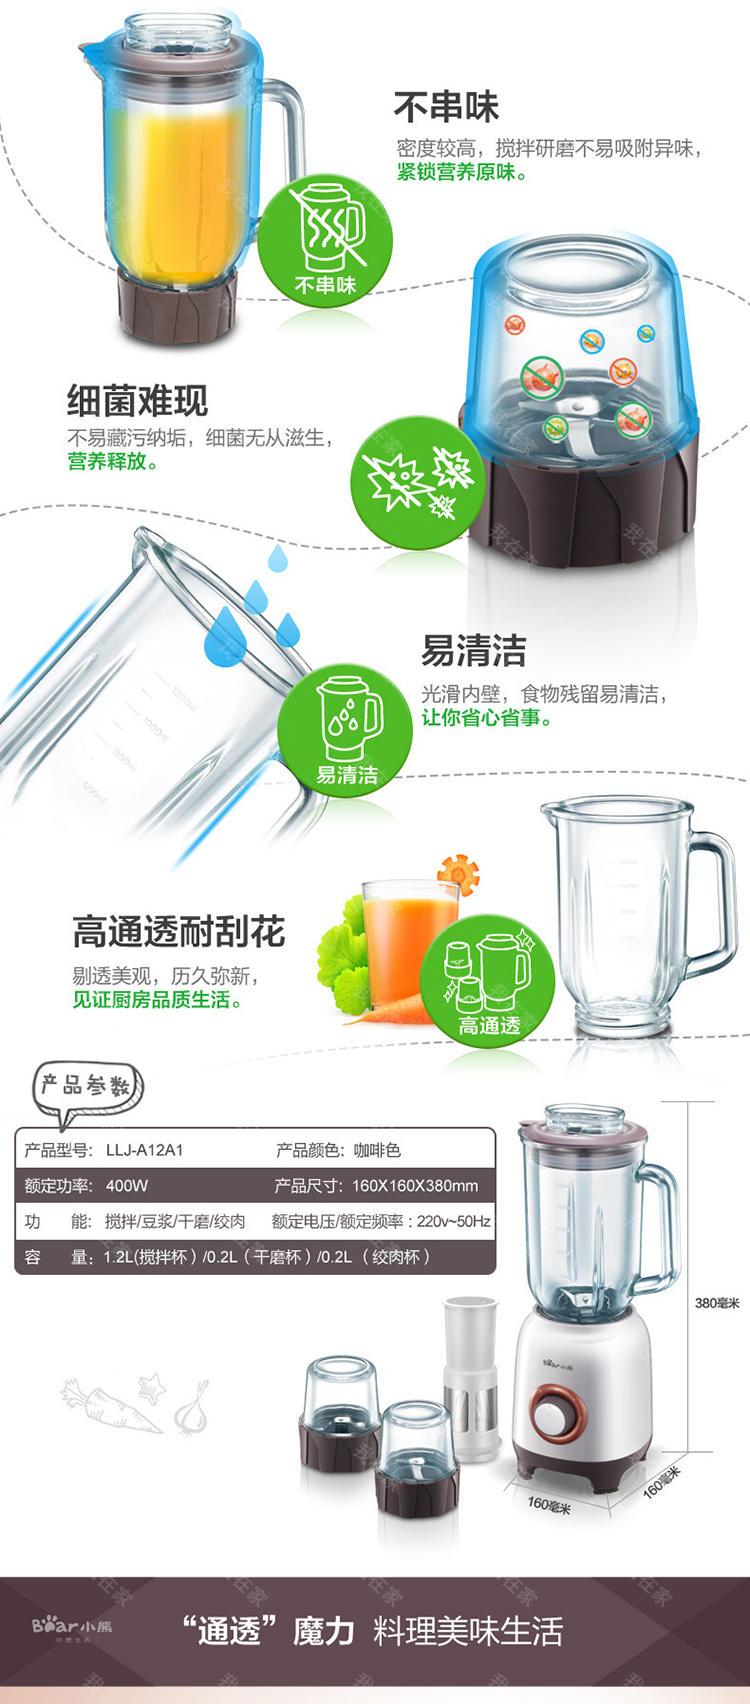 小熊家电品牌小熊多功能料理机的详细介绍